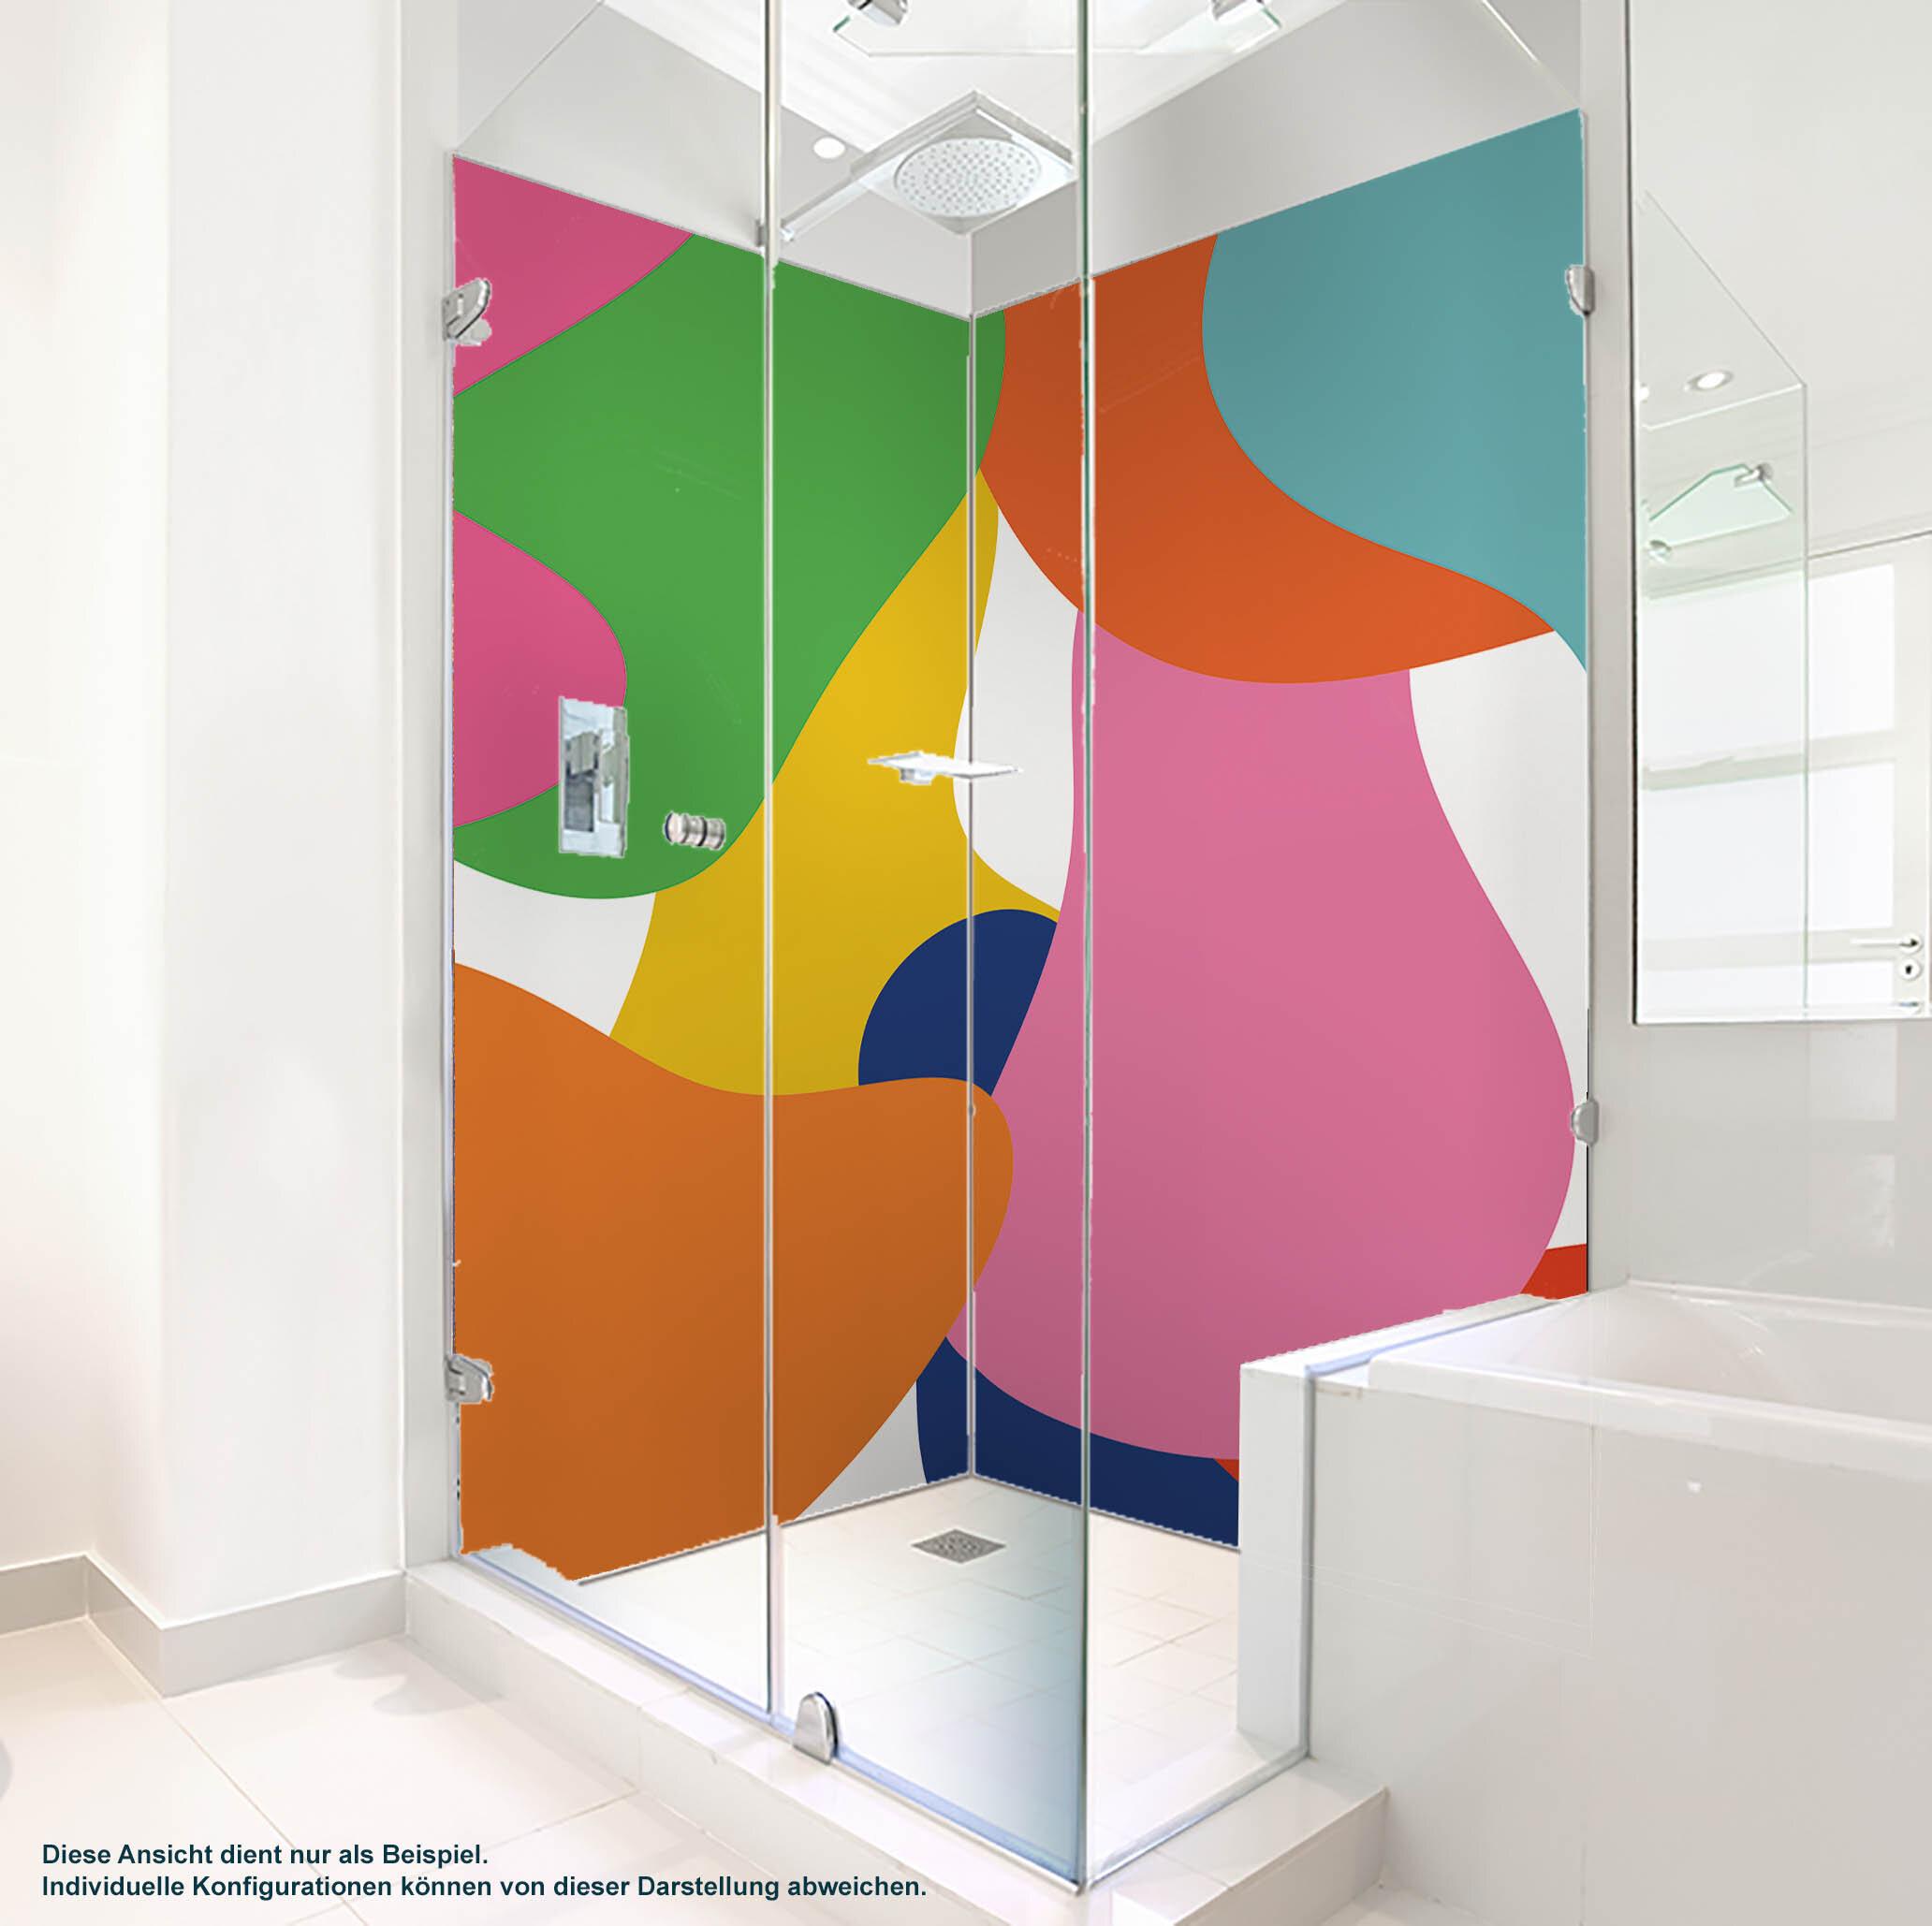 Dusche PlateART Duschrückwand mit Motiv Trendwand Farben